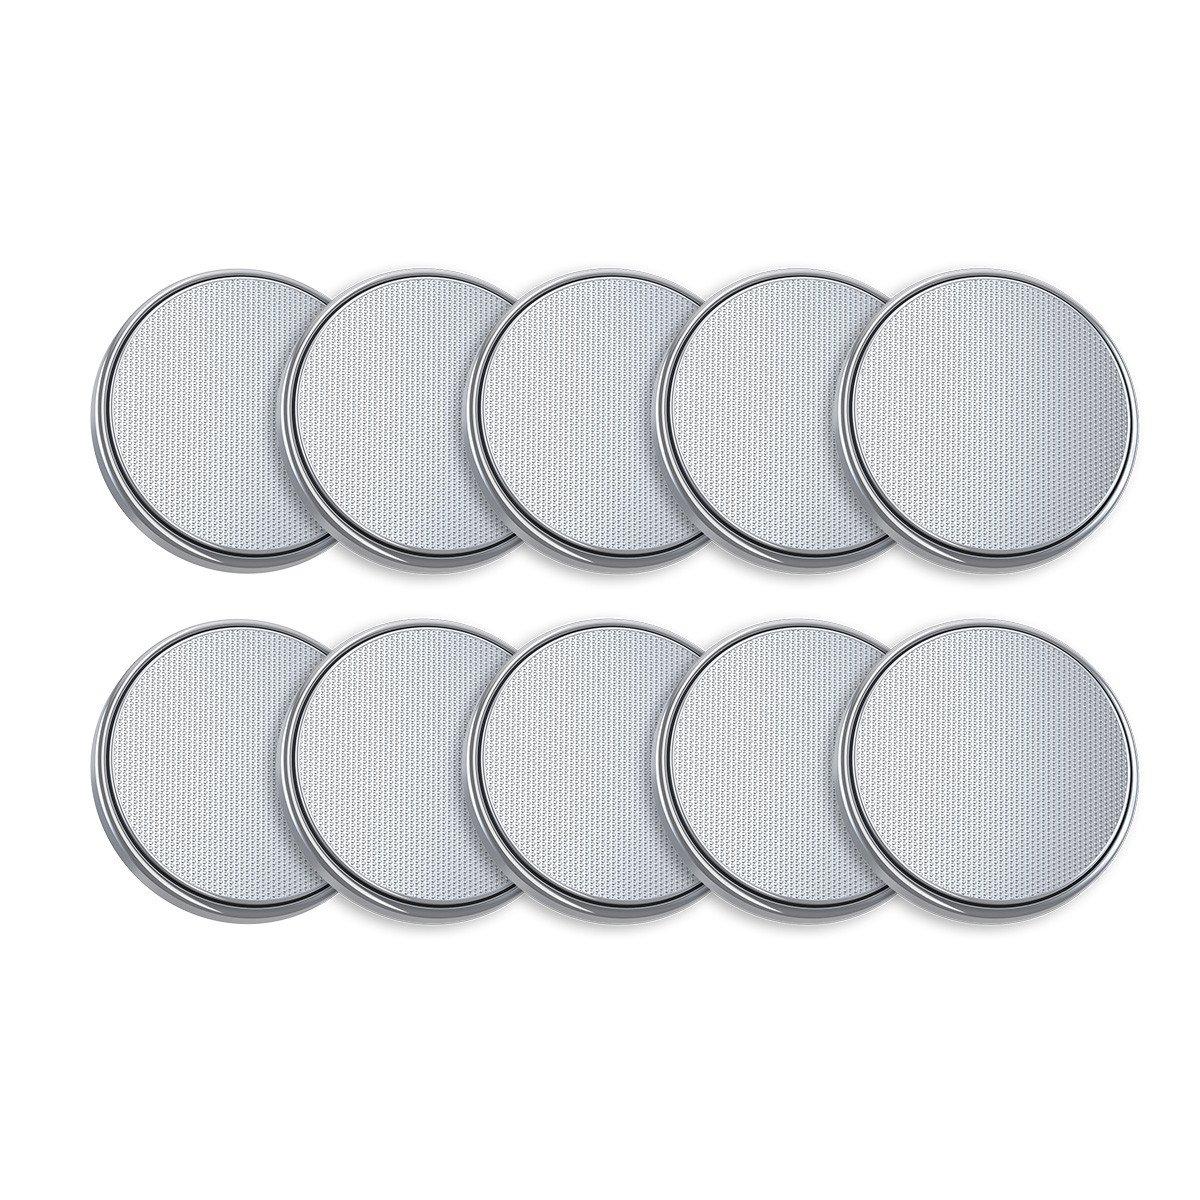 EBL 3V CR2032 DL2032 ECR2032 Pilas de Botón de Litio para Reloj Electrónicos - 10 Unidades